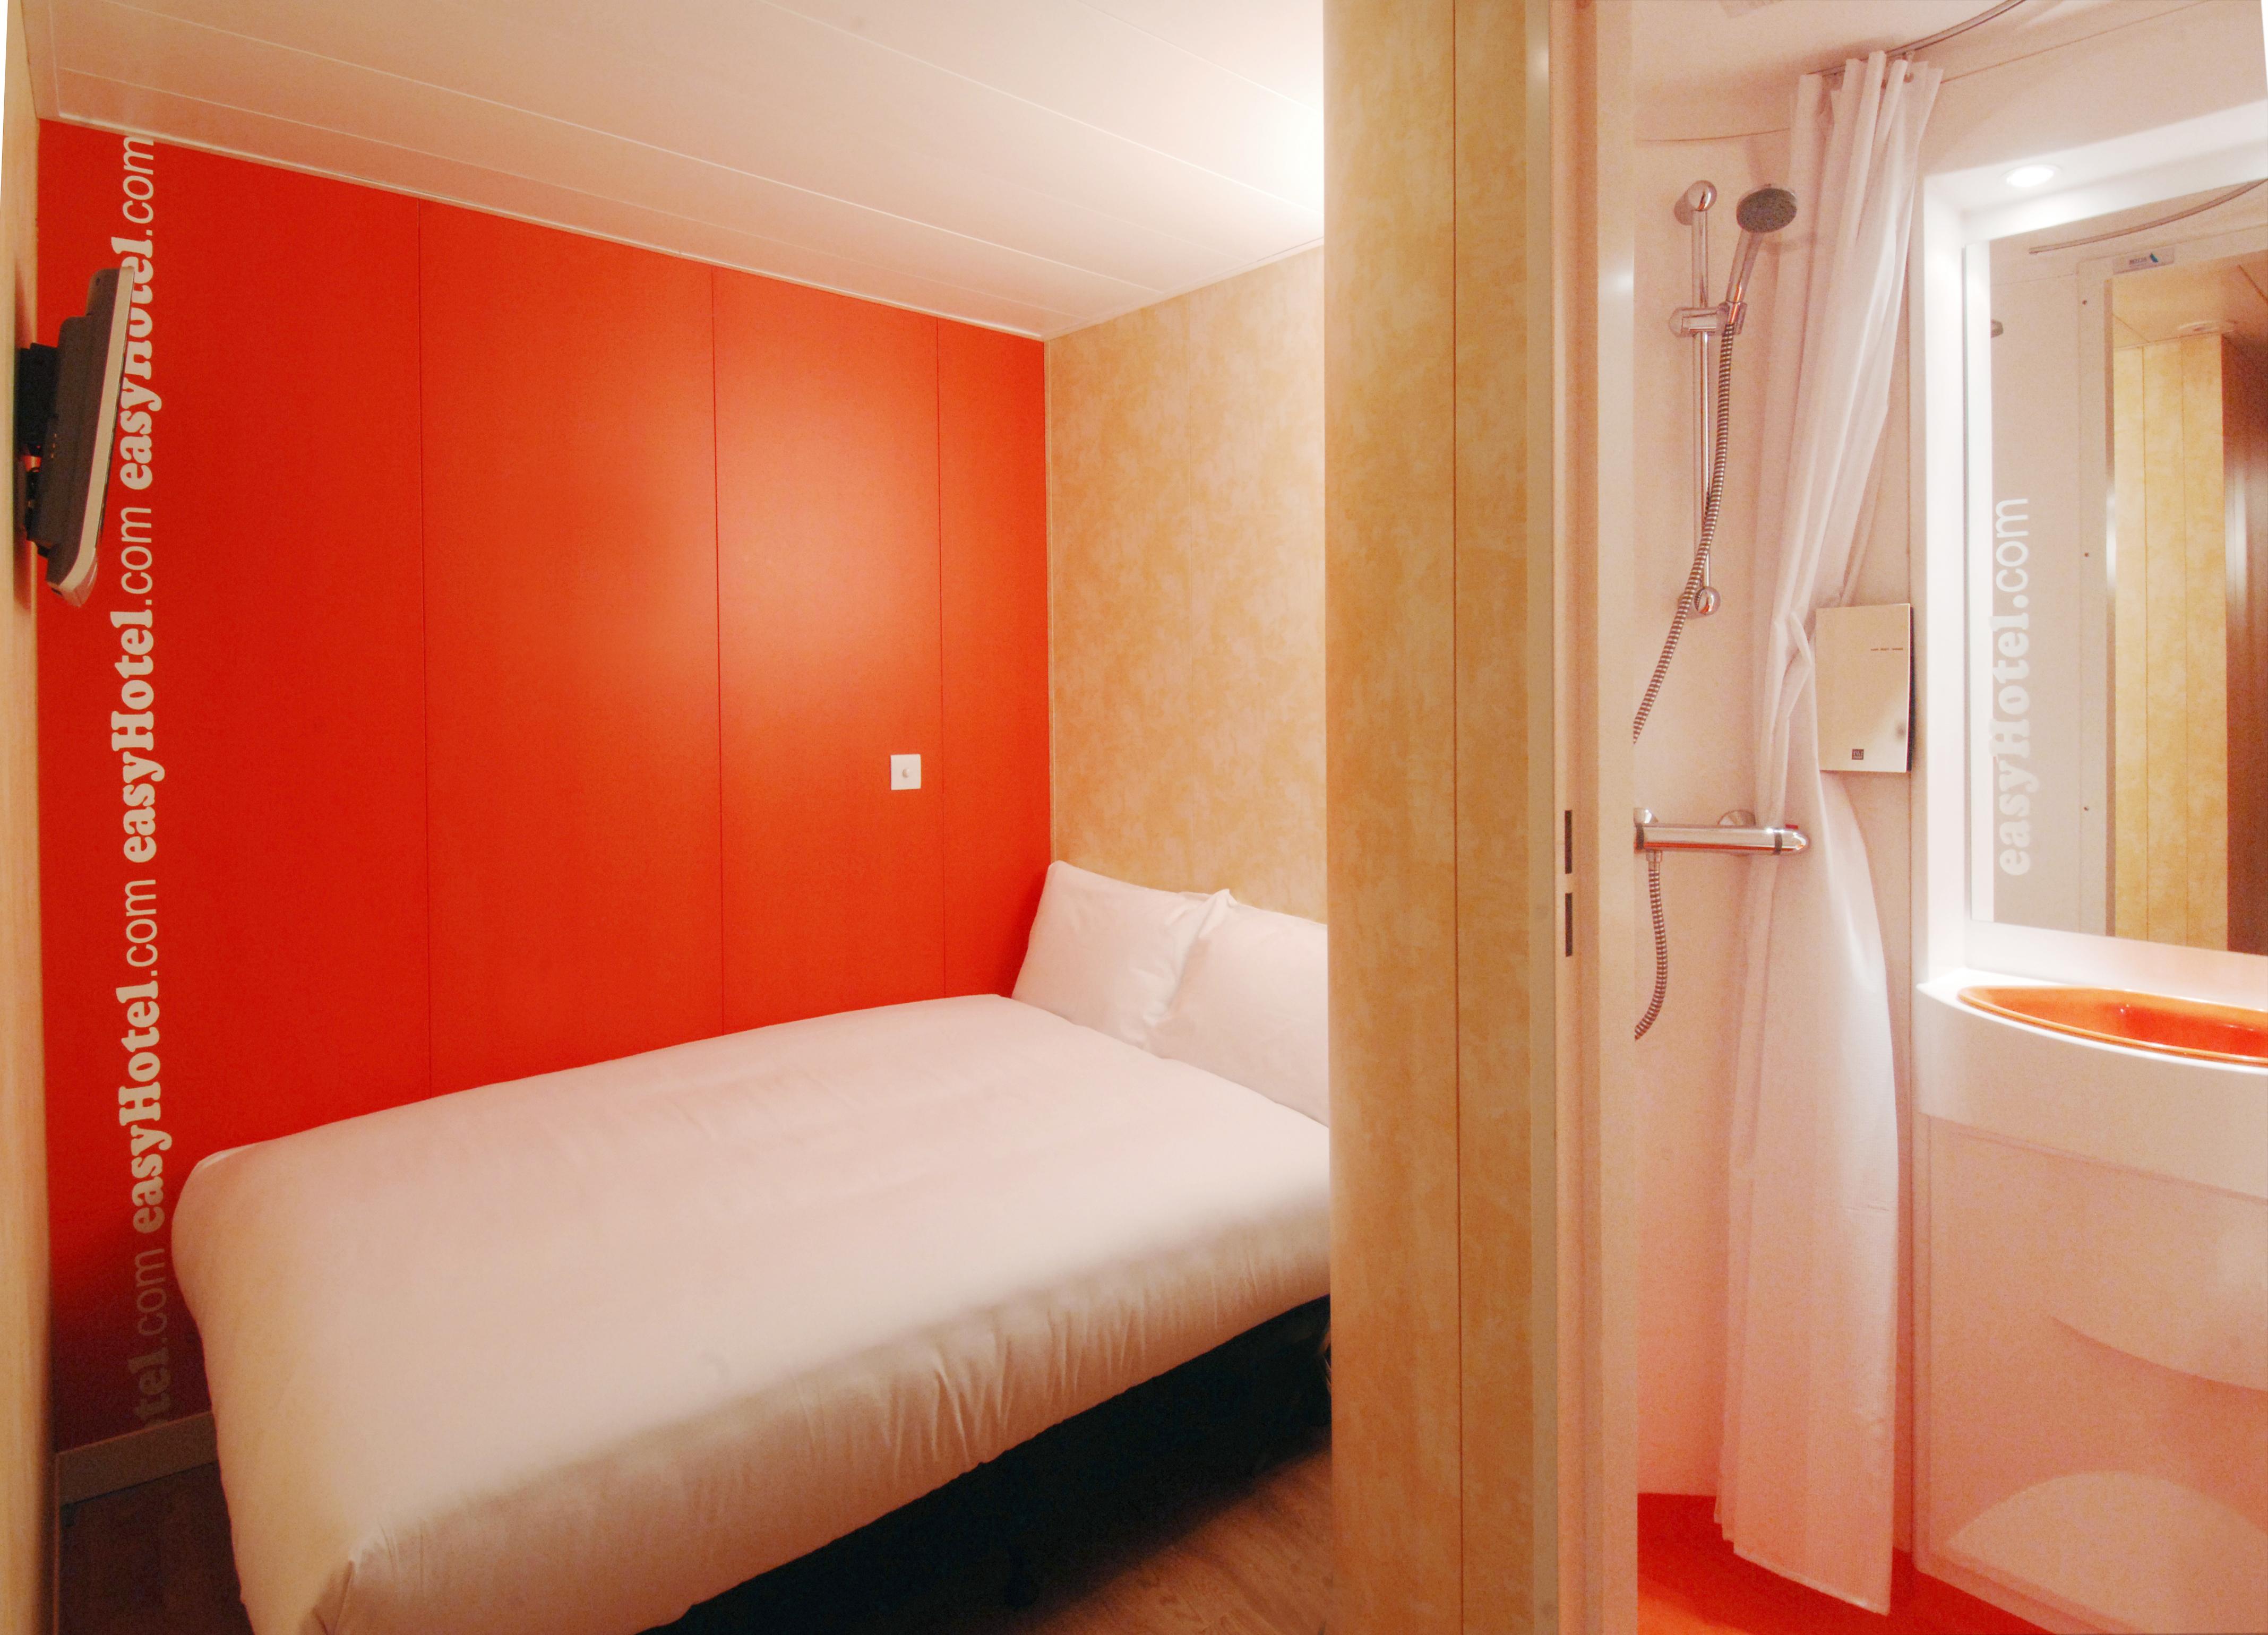 EasyHotel, alojamiento de bajo coste en Londres 4